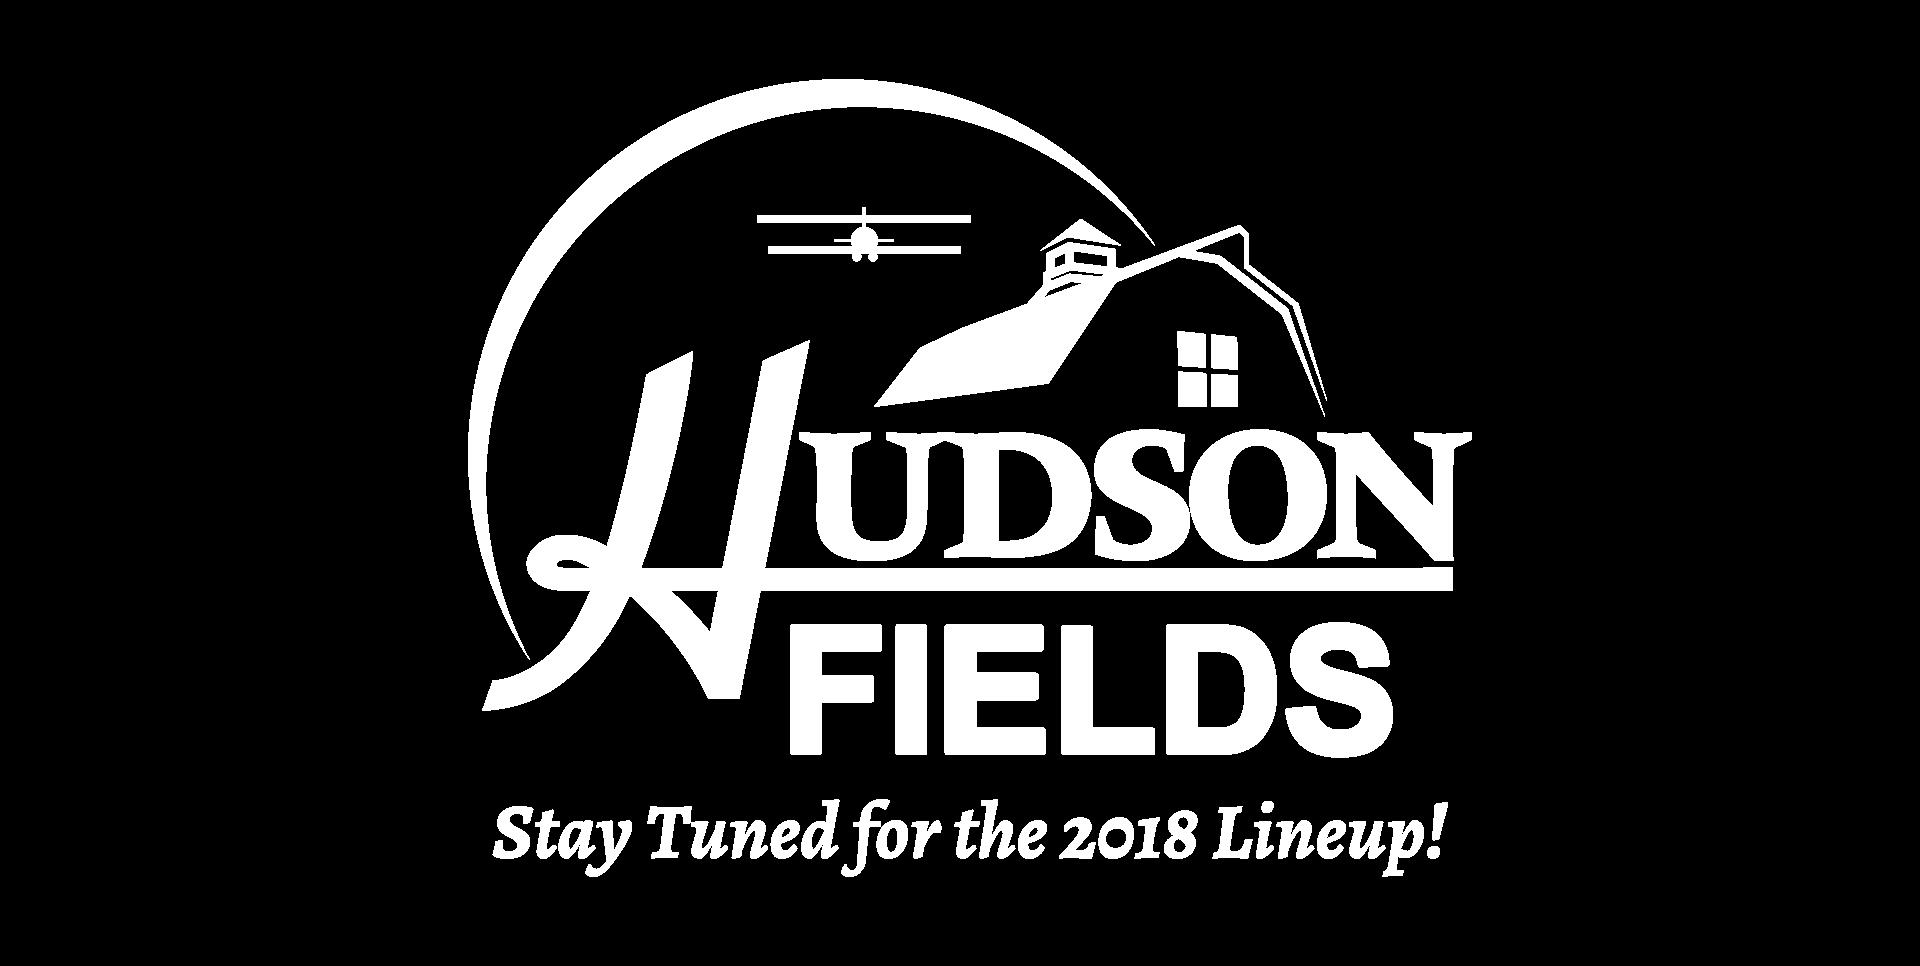 Hudson Fields